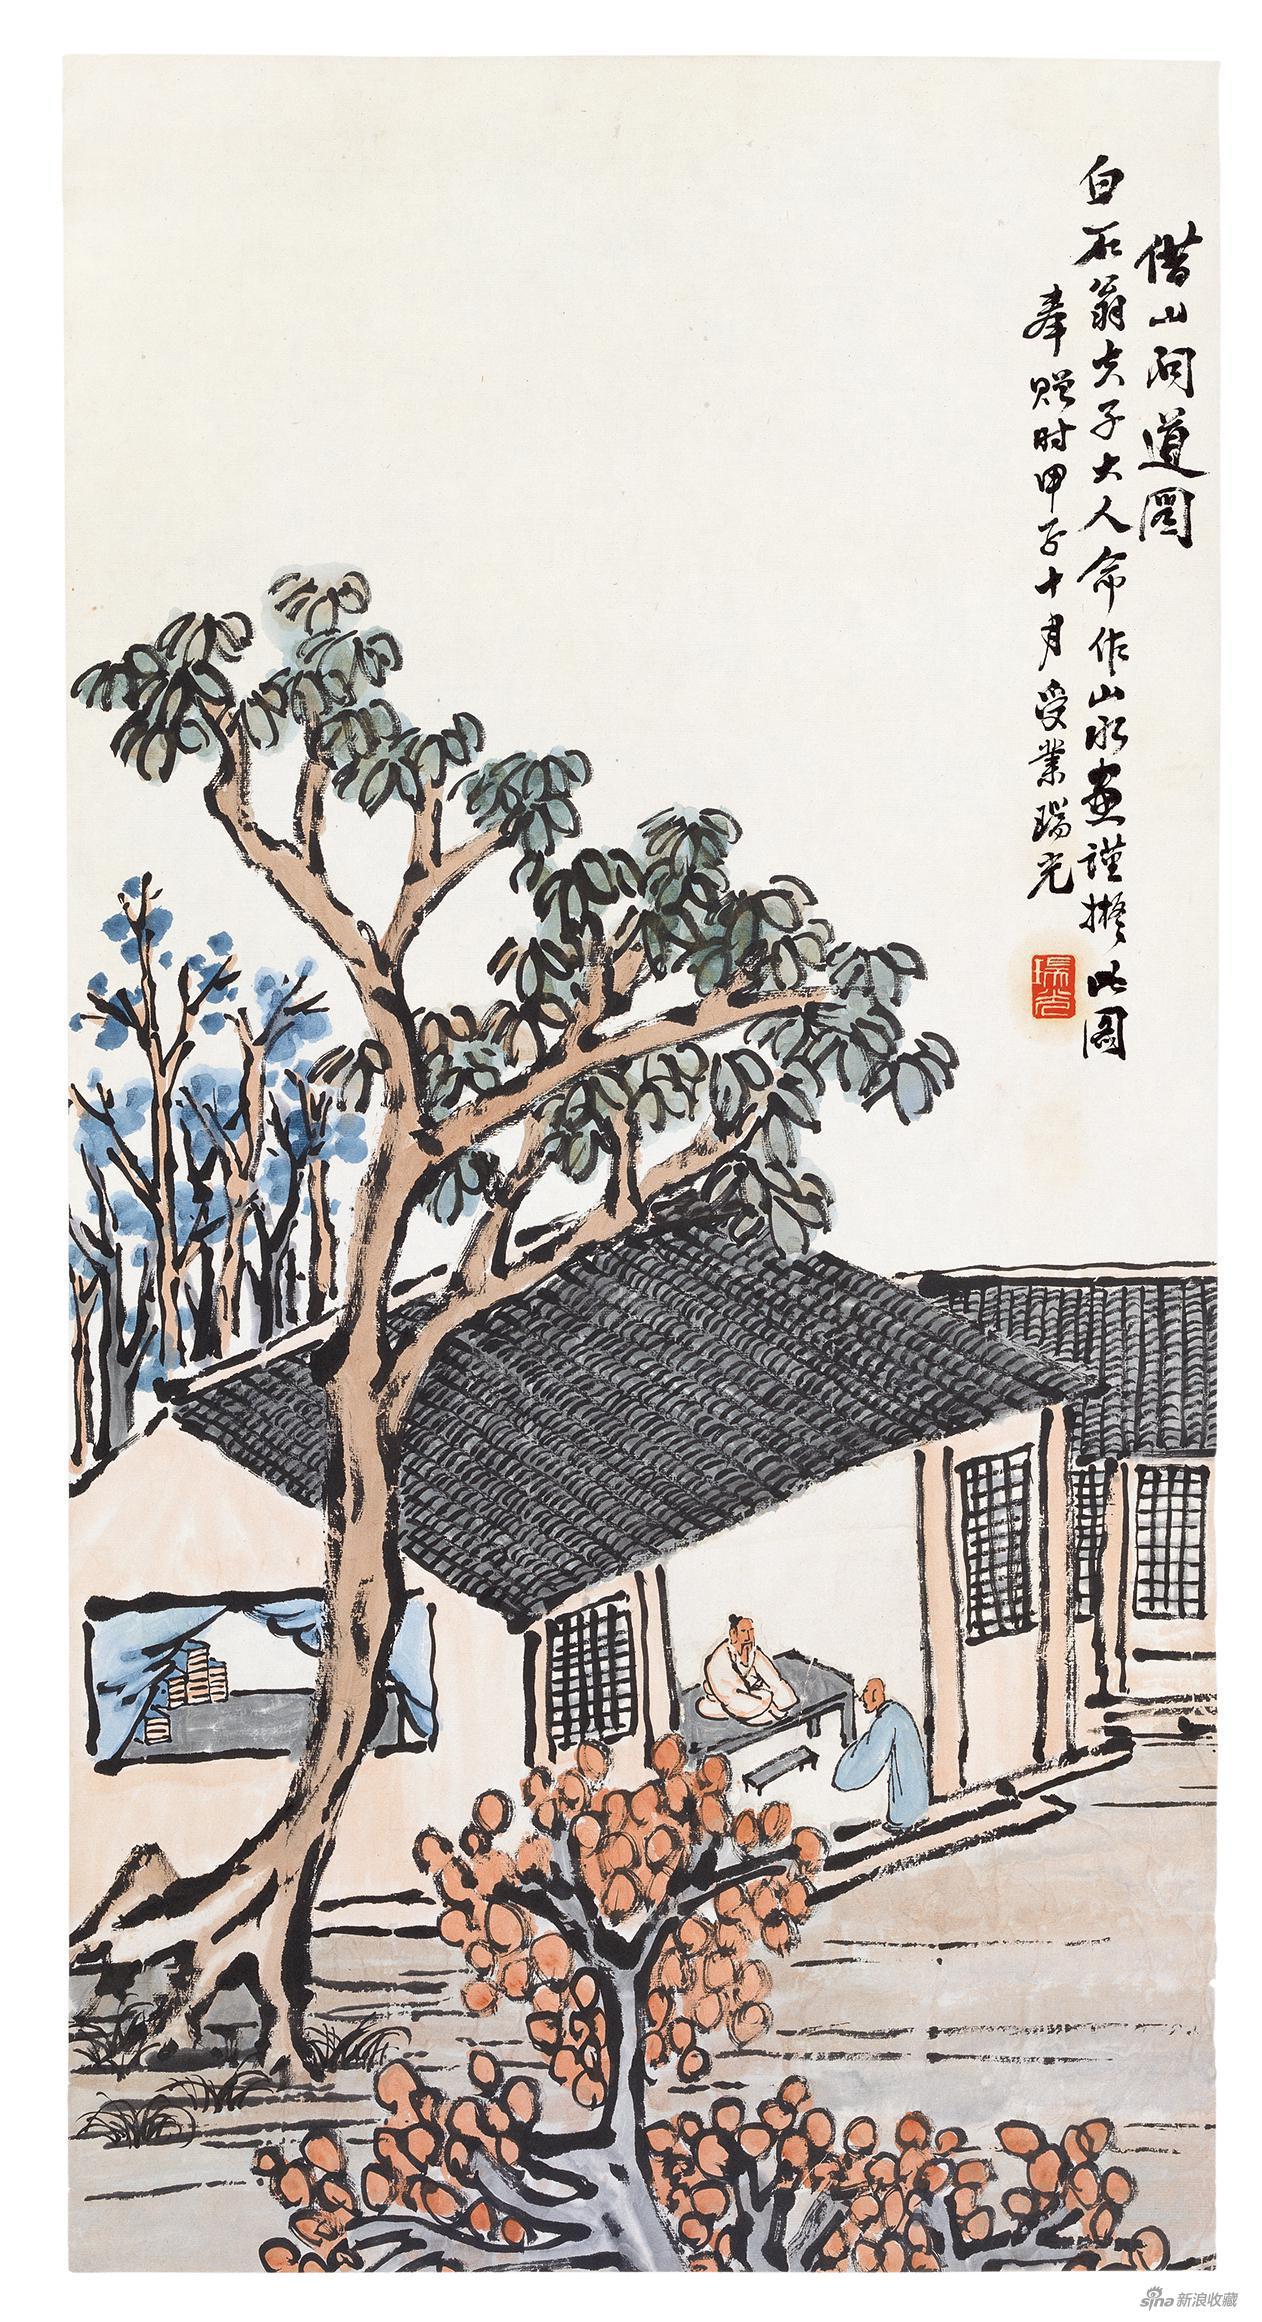 借山问道图 瑞光 1924年 83.5×43cm 纸本设色 北京画院藏